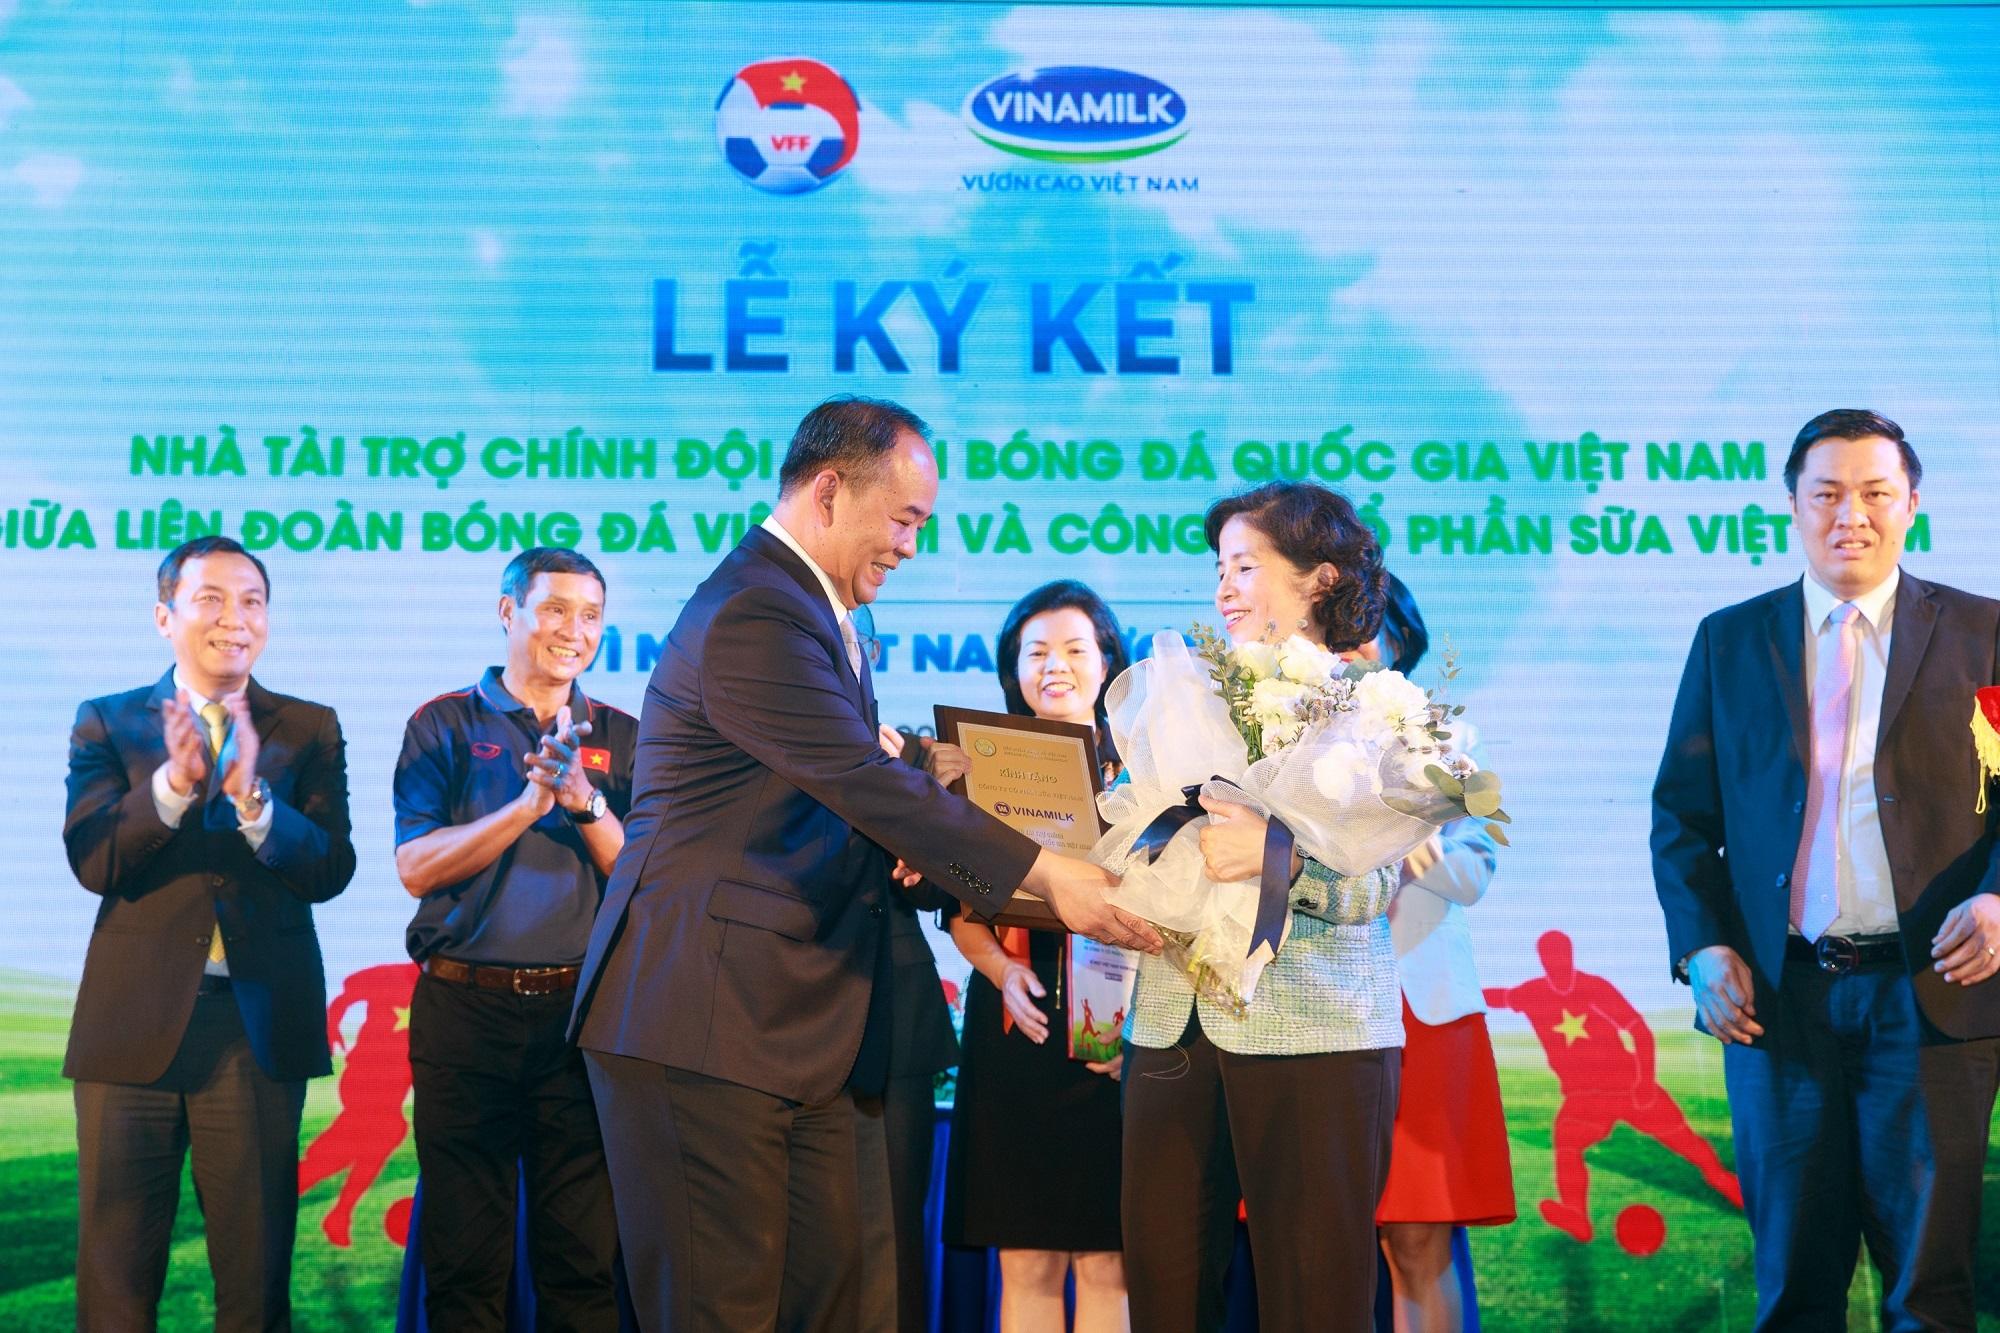 Vinamilk tài trợ chính thức cho các đội tuyển bóng đá quốc gia vì một Việt Nam vươn cao - Ảnh 3